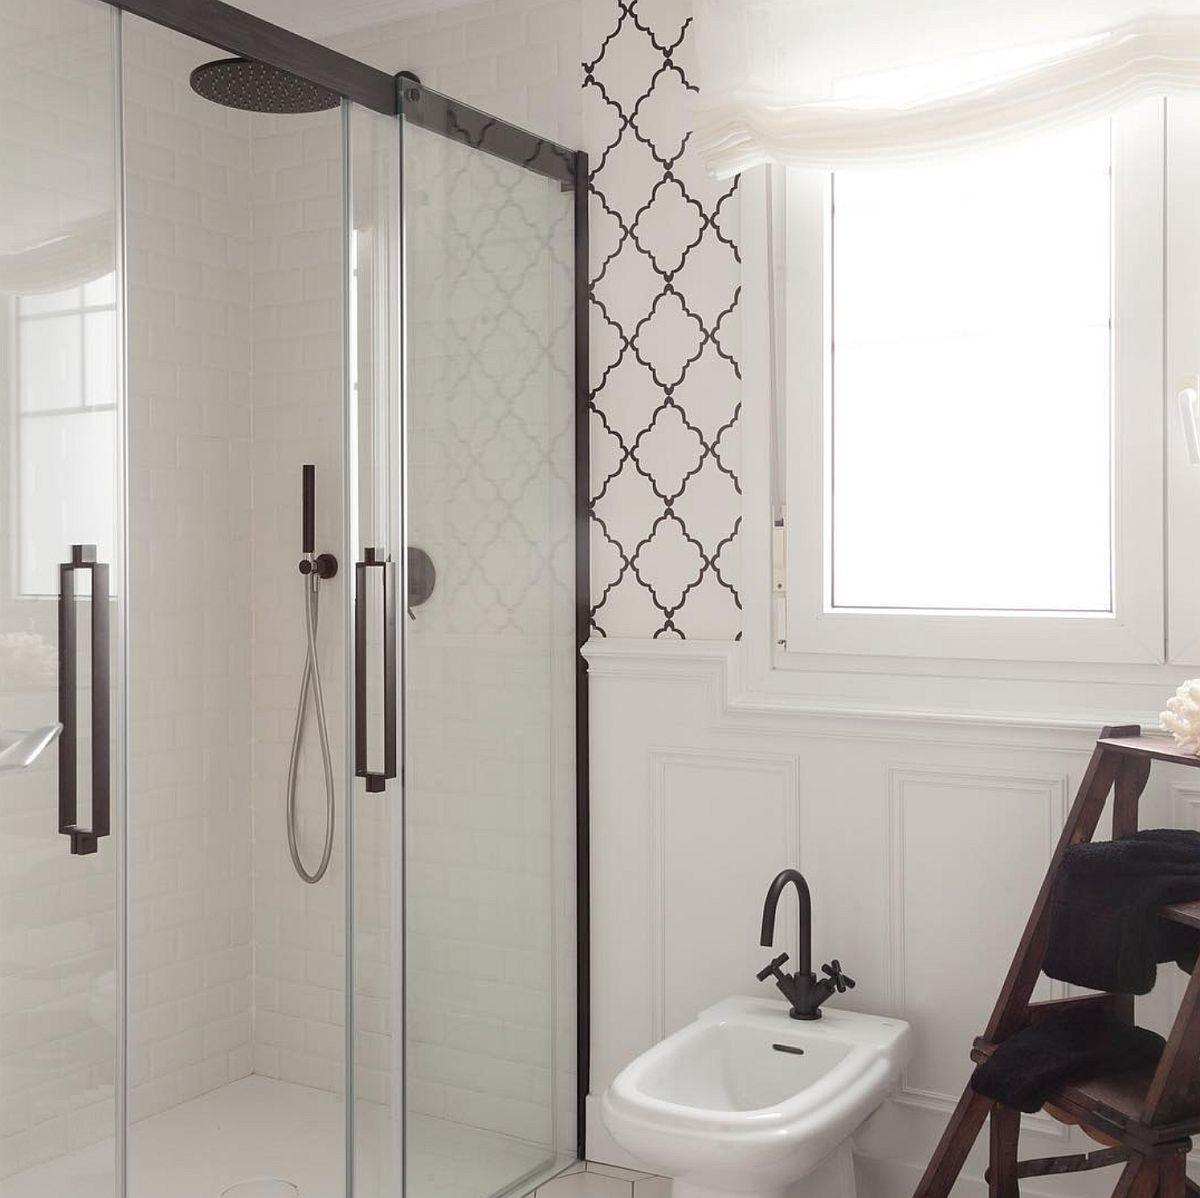 Baia a fost complet renovată, deci inclusiv zona de duș unde panourile din sticlă sunt încadrate de profile negre. Tapetul este folosit și aici, dar nu în zona sensibilă, ci în jurul ferestrei.